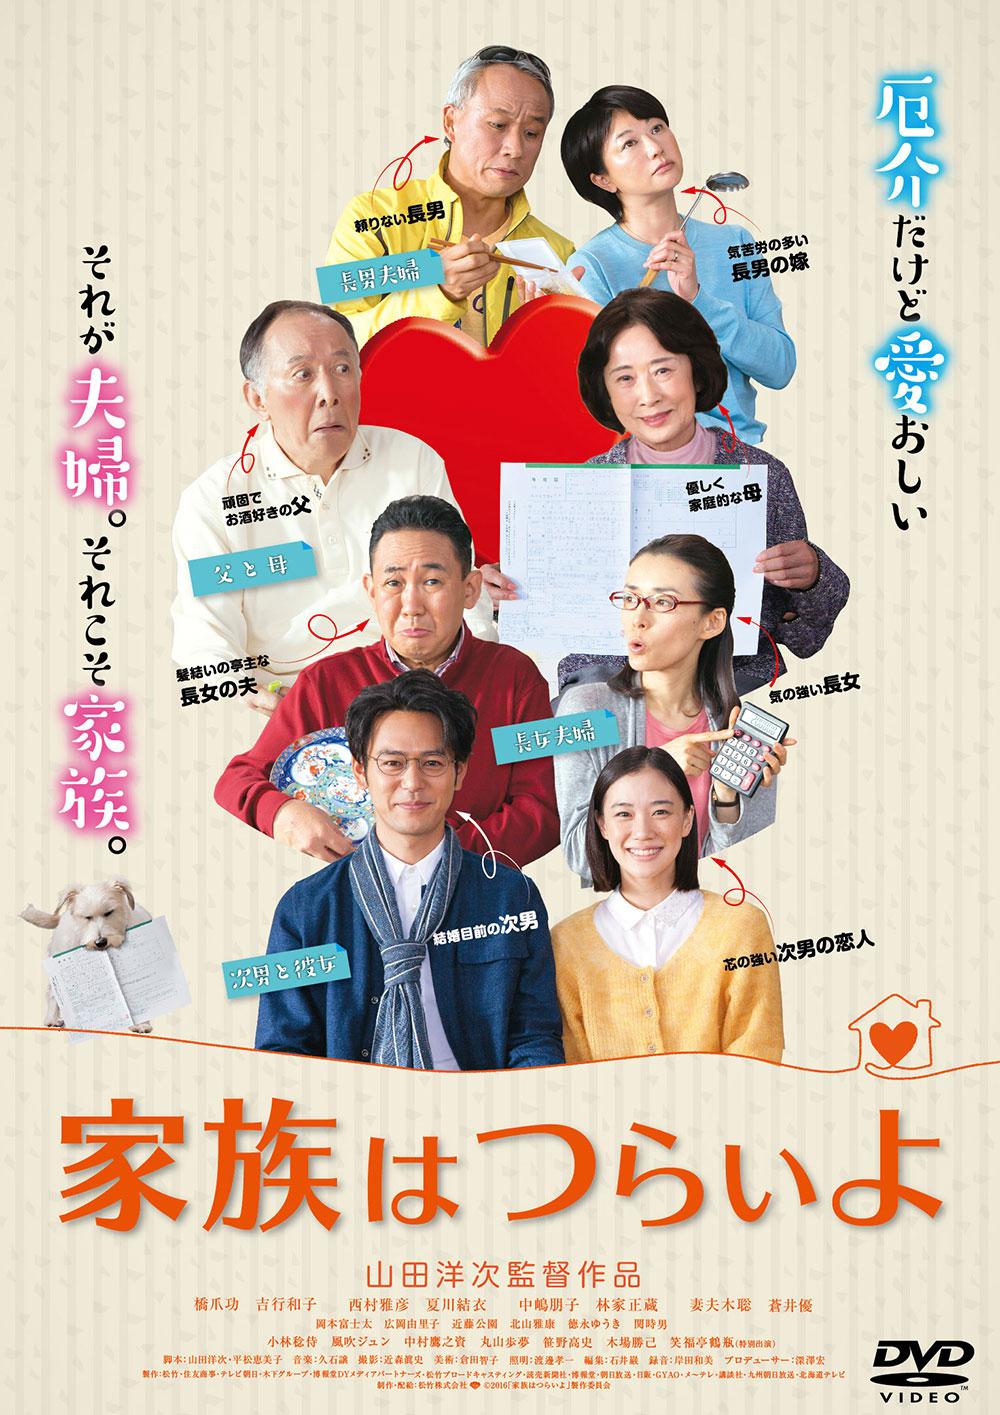 映画『家族はつらいよ』の画像